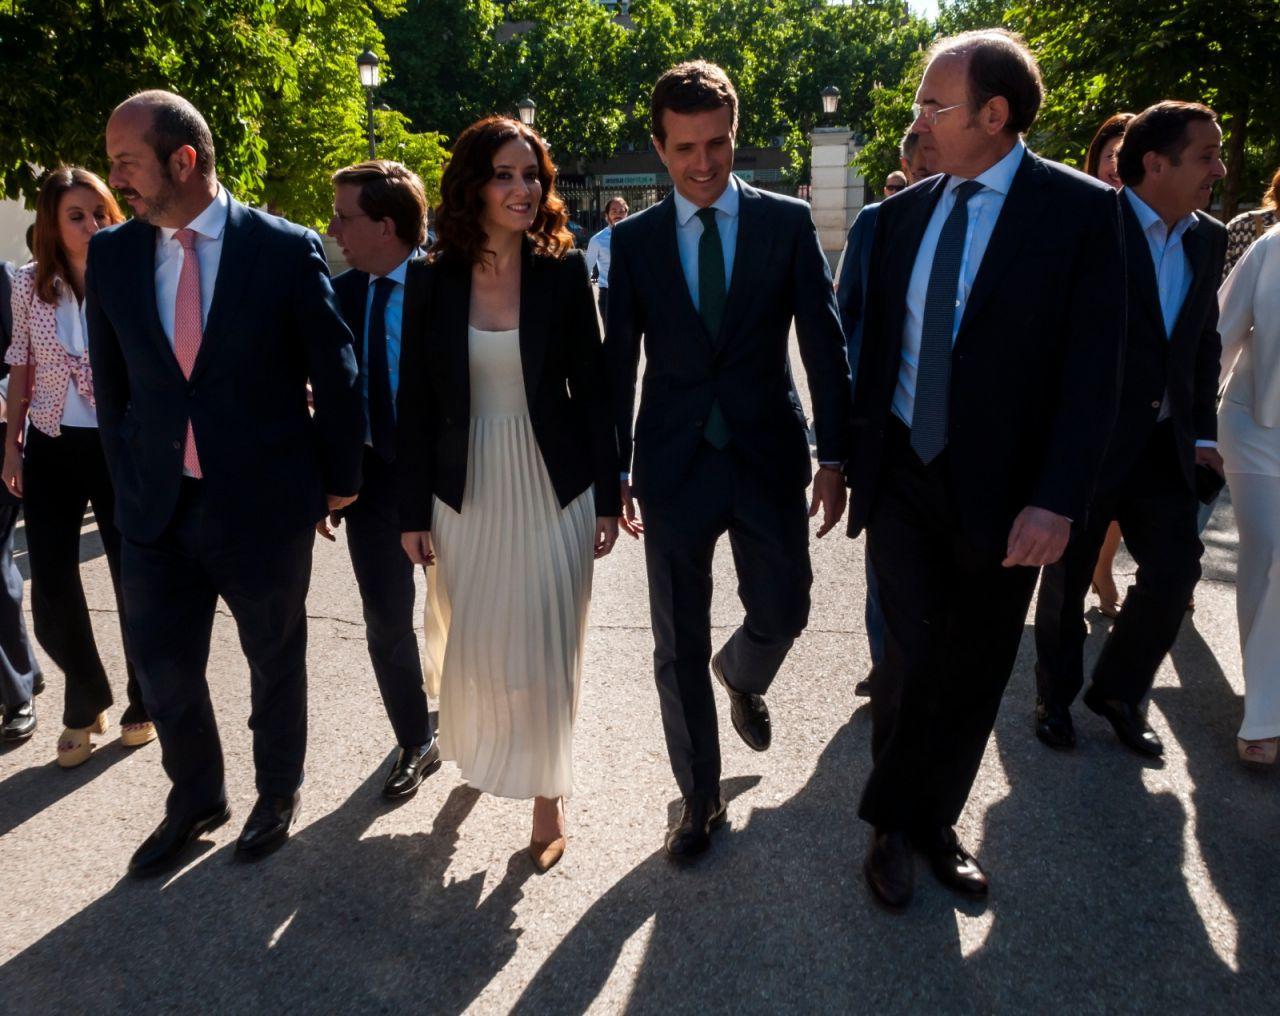 Los políticos llegando a los jardines de Cecilio Rodríguez, en el parque del Retiro.